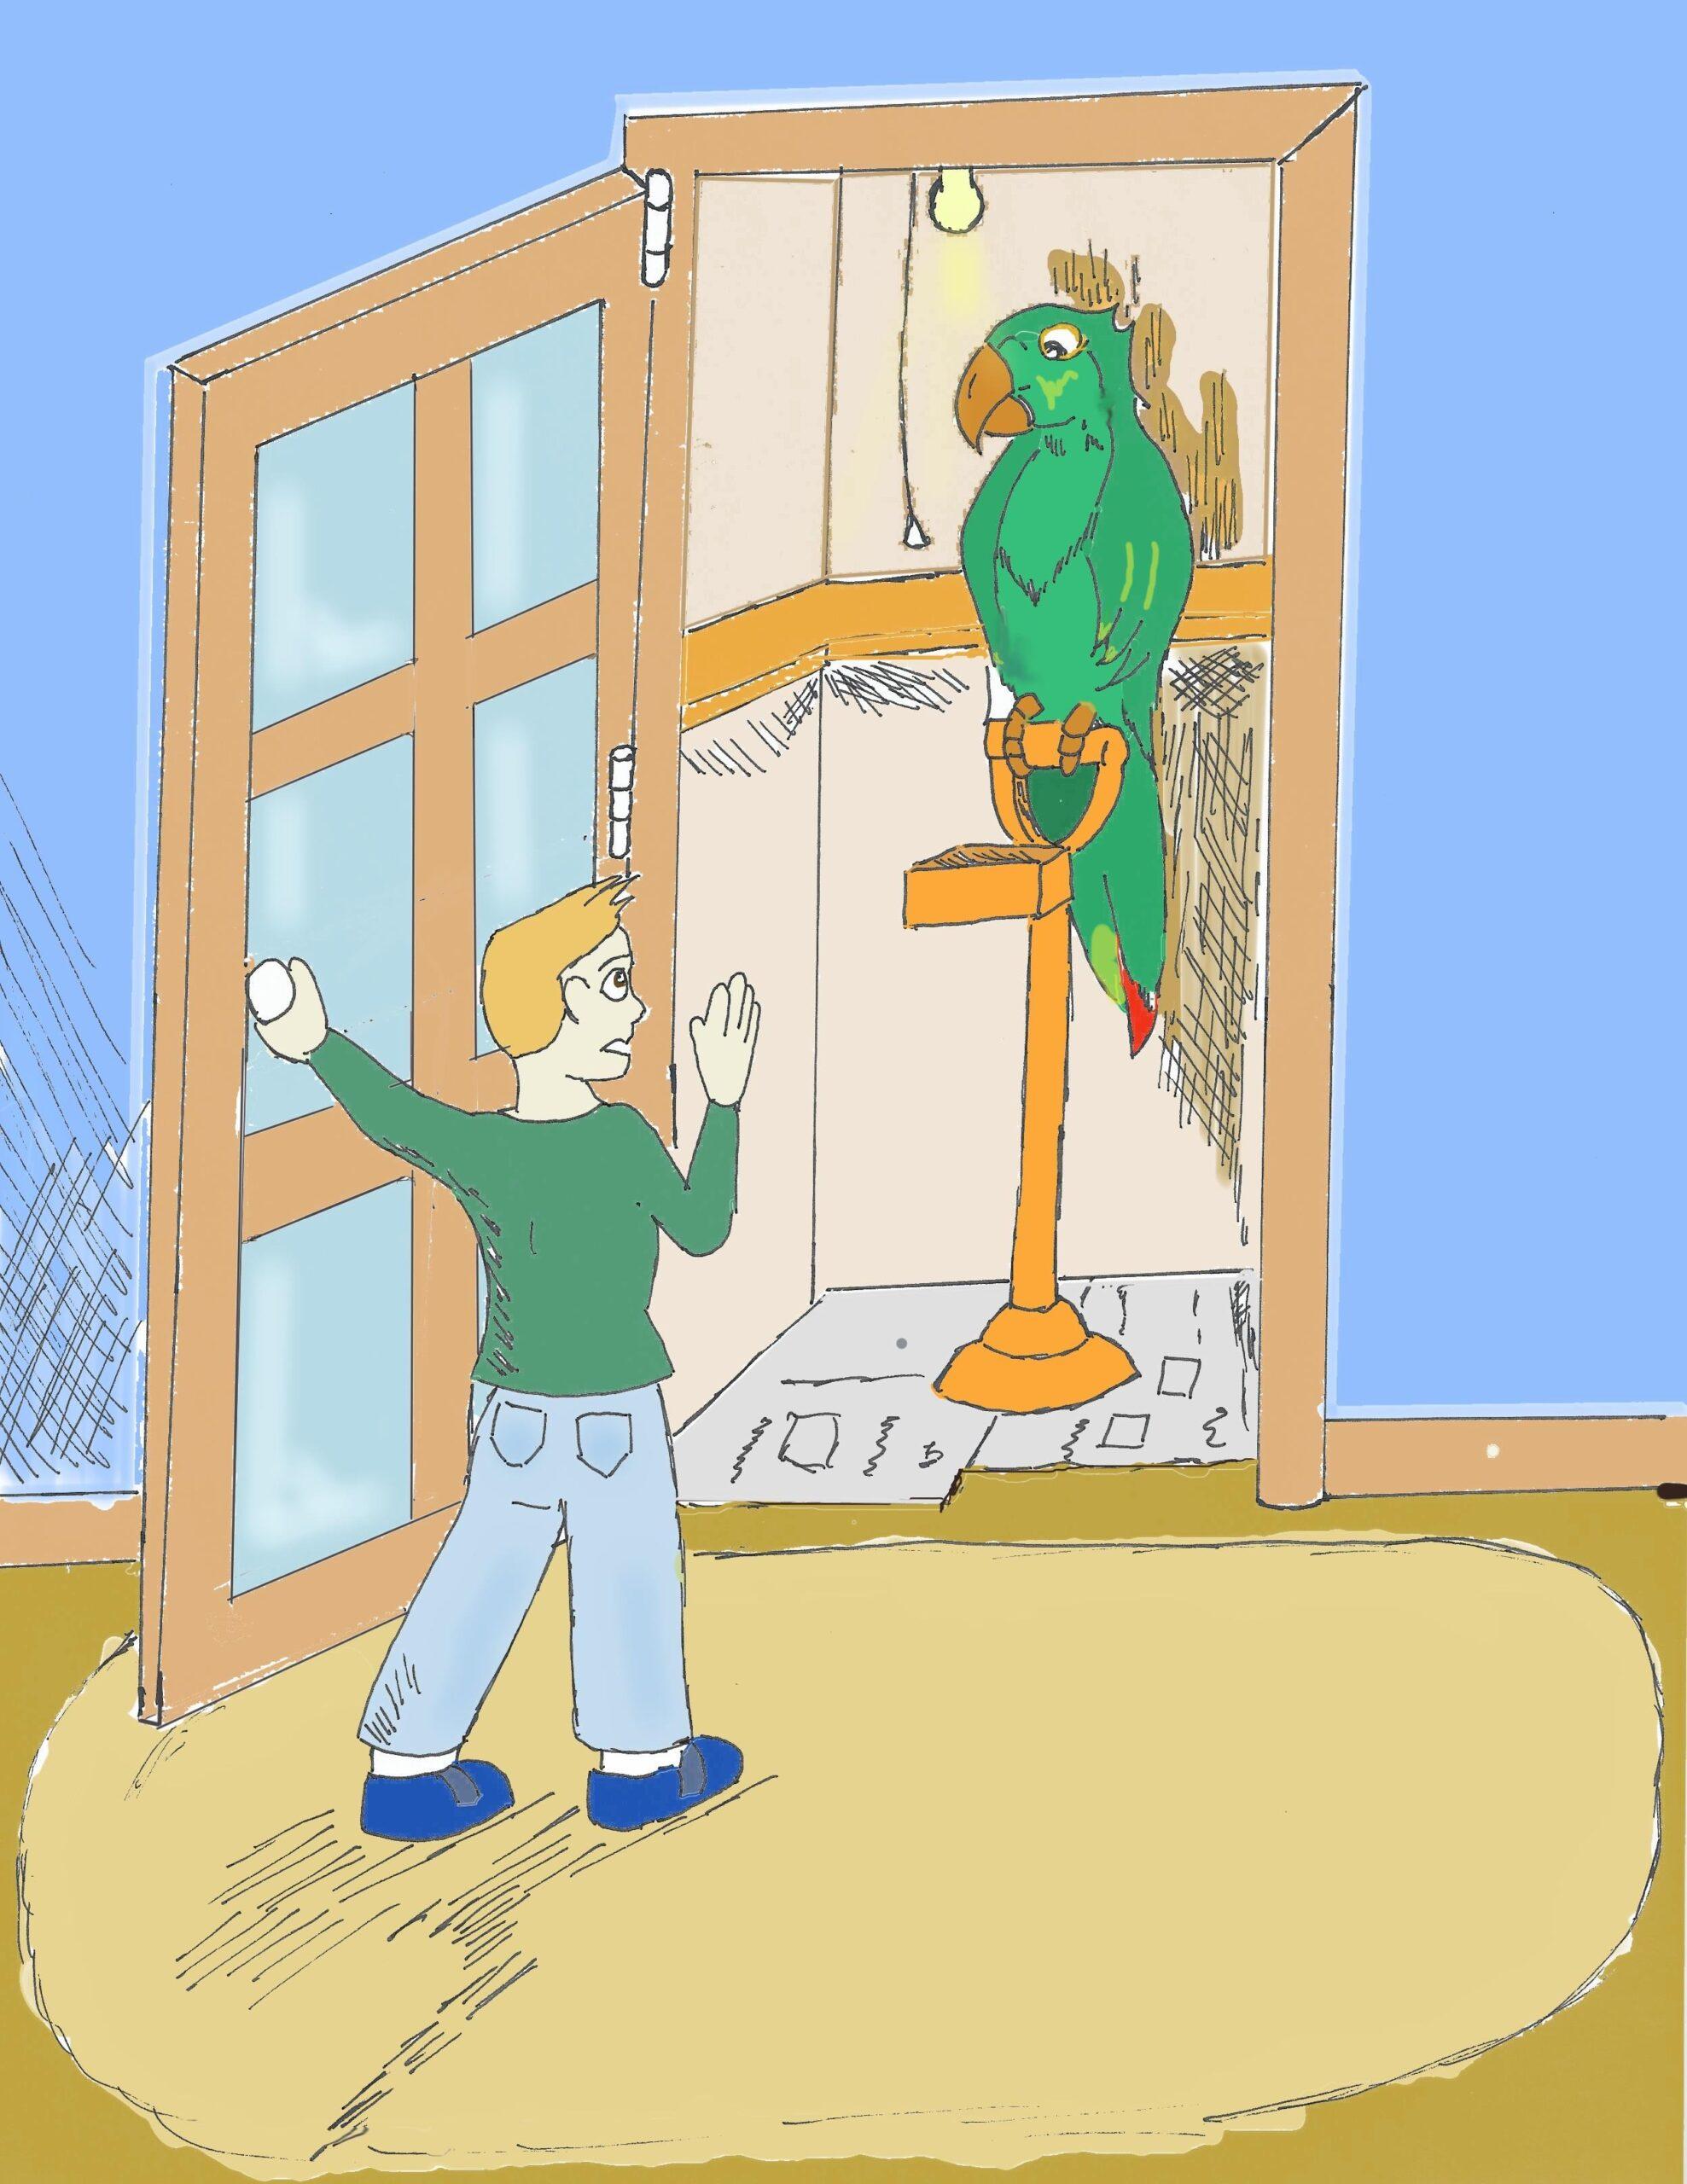 Kid with a bird